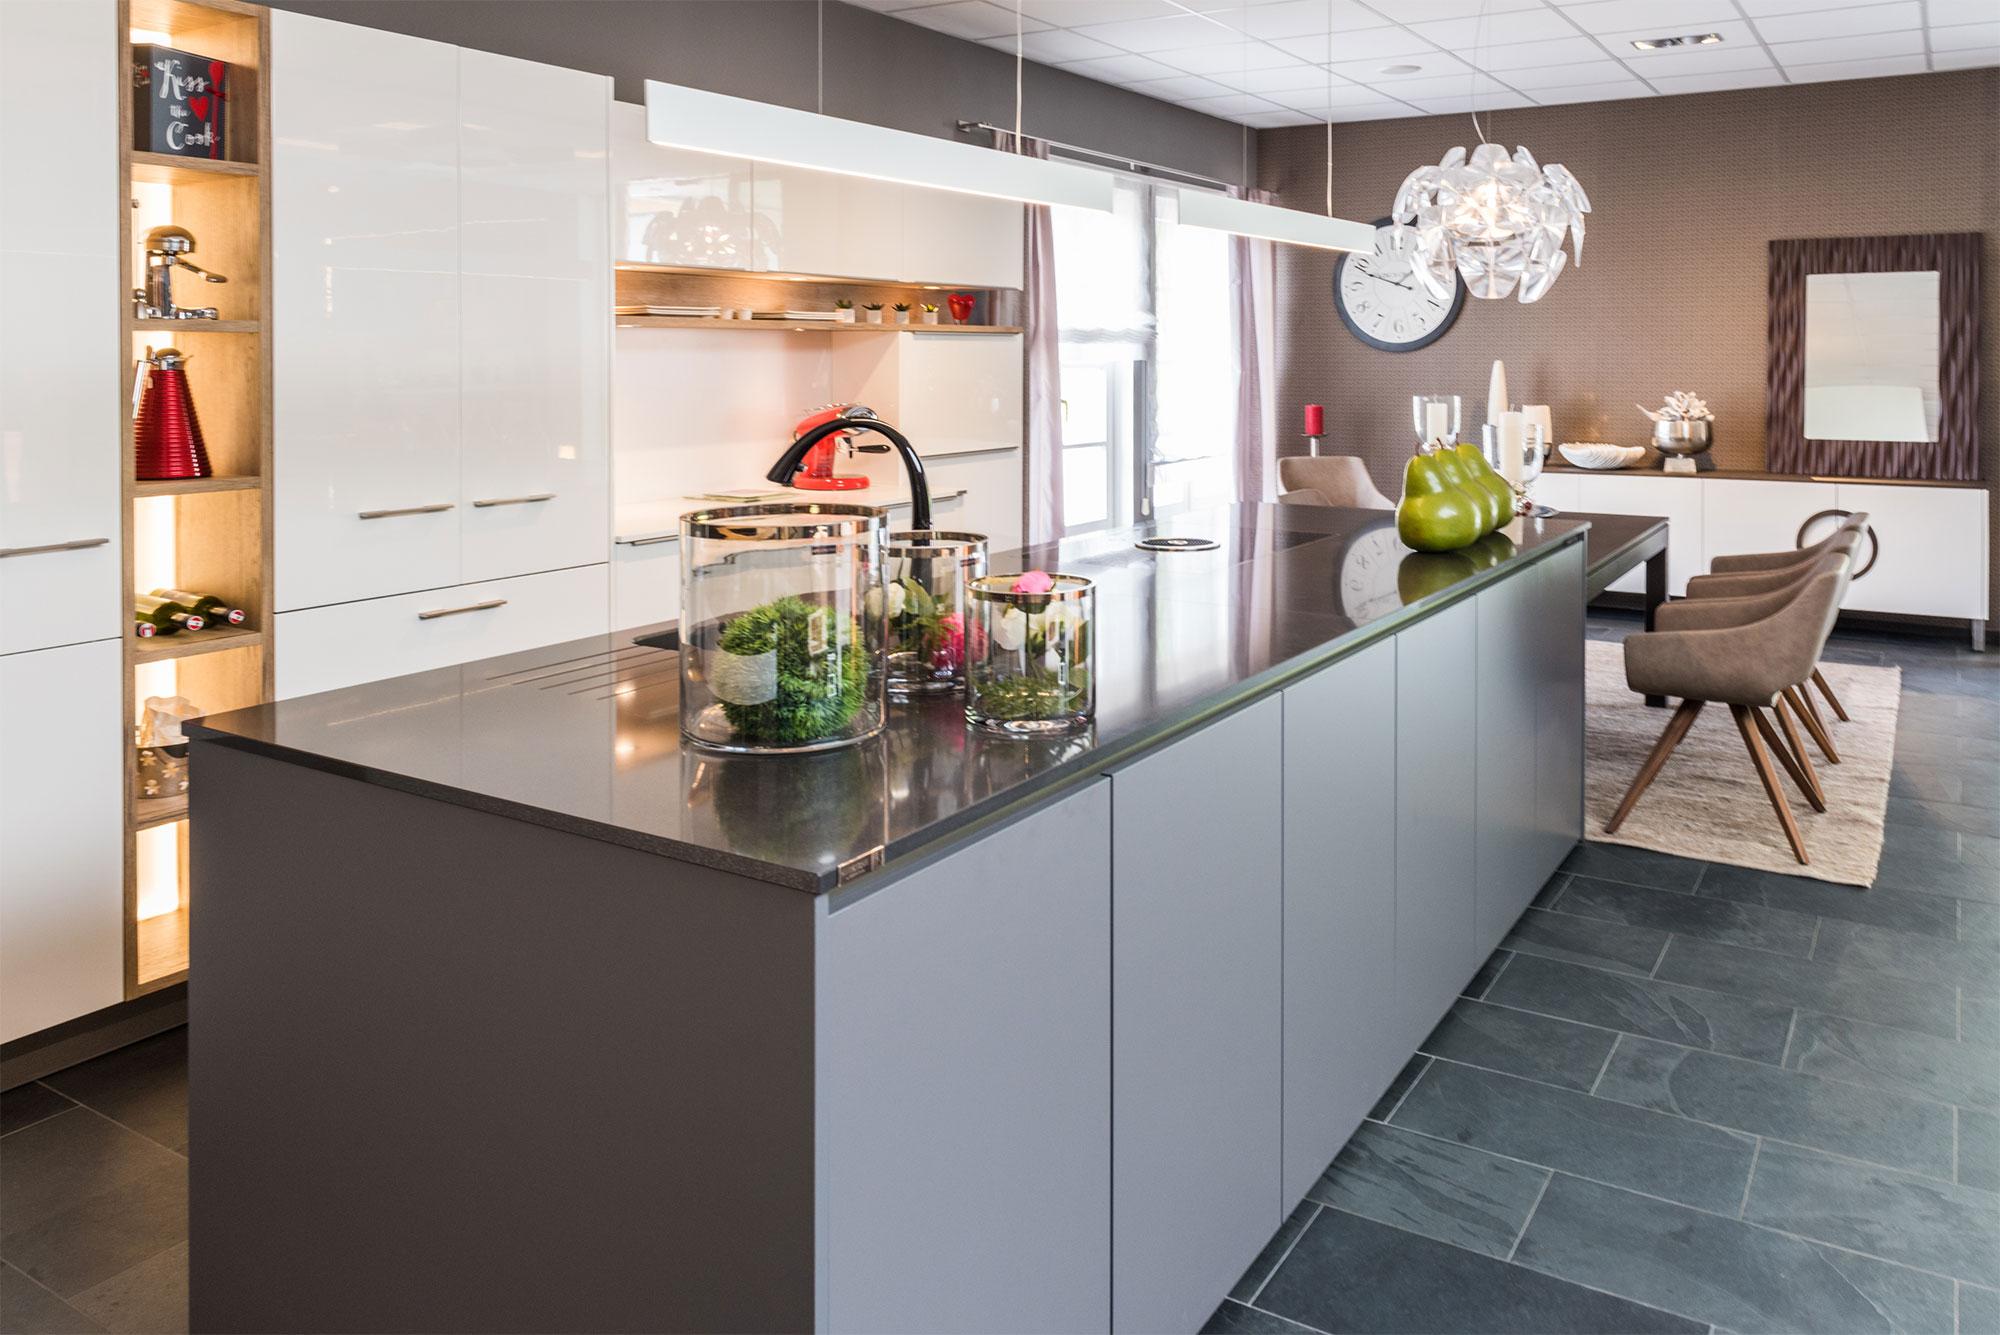 Full Size of Gebrauchte Küche Ohne Geräte Respekta Küche Ohne Geräte Küche Ohne Geräte Verkaufen Küche Ohne Geräte Selbst Zusammenstellen Küche Küche Nolte